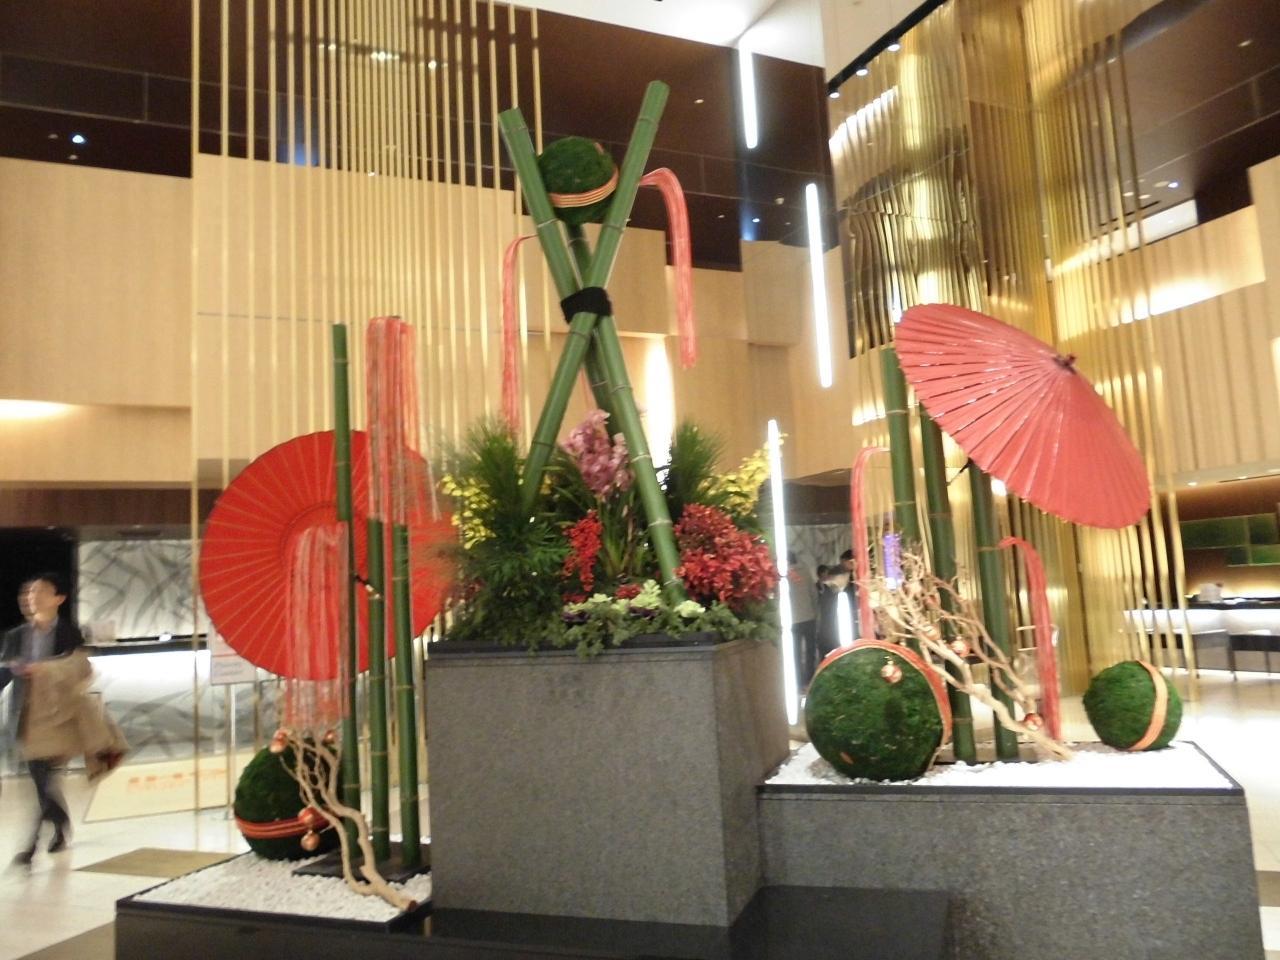 プラザ ana 大阪 クラウン ホテル